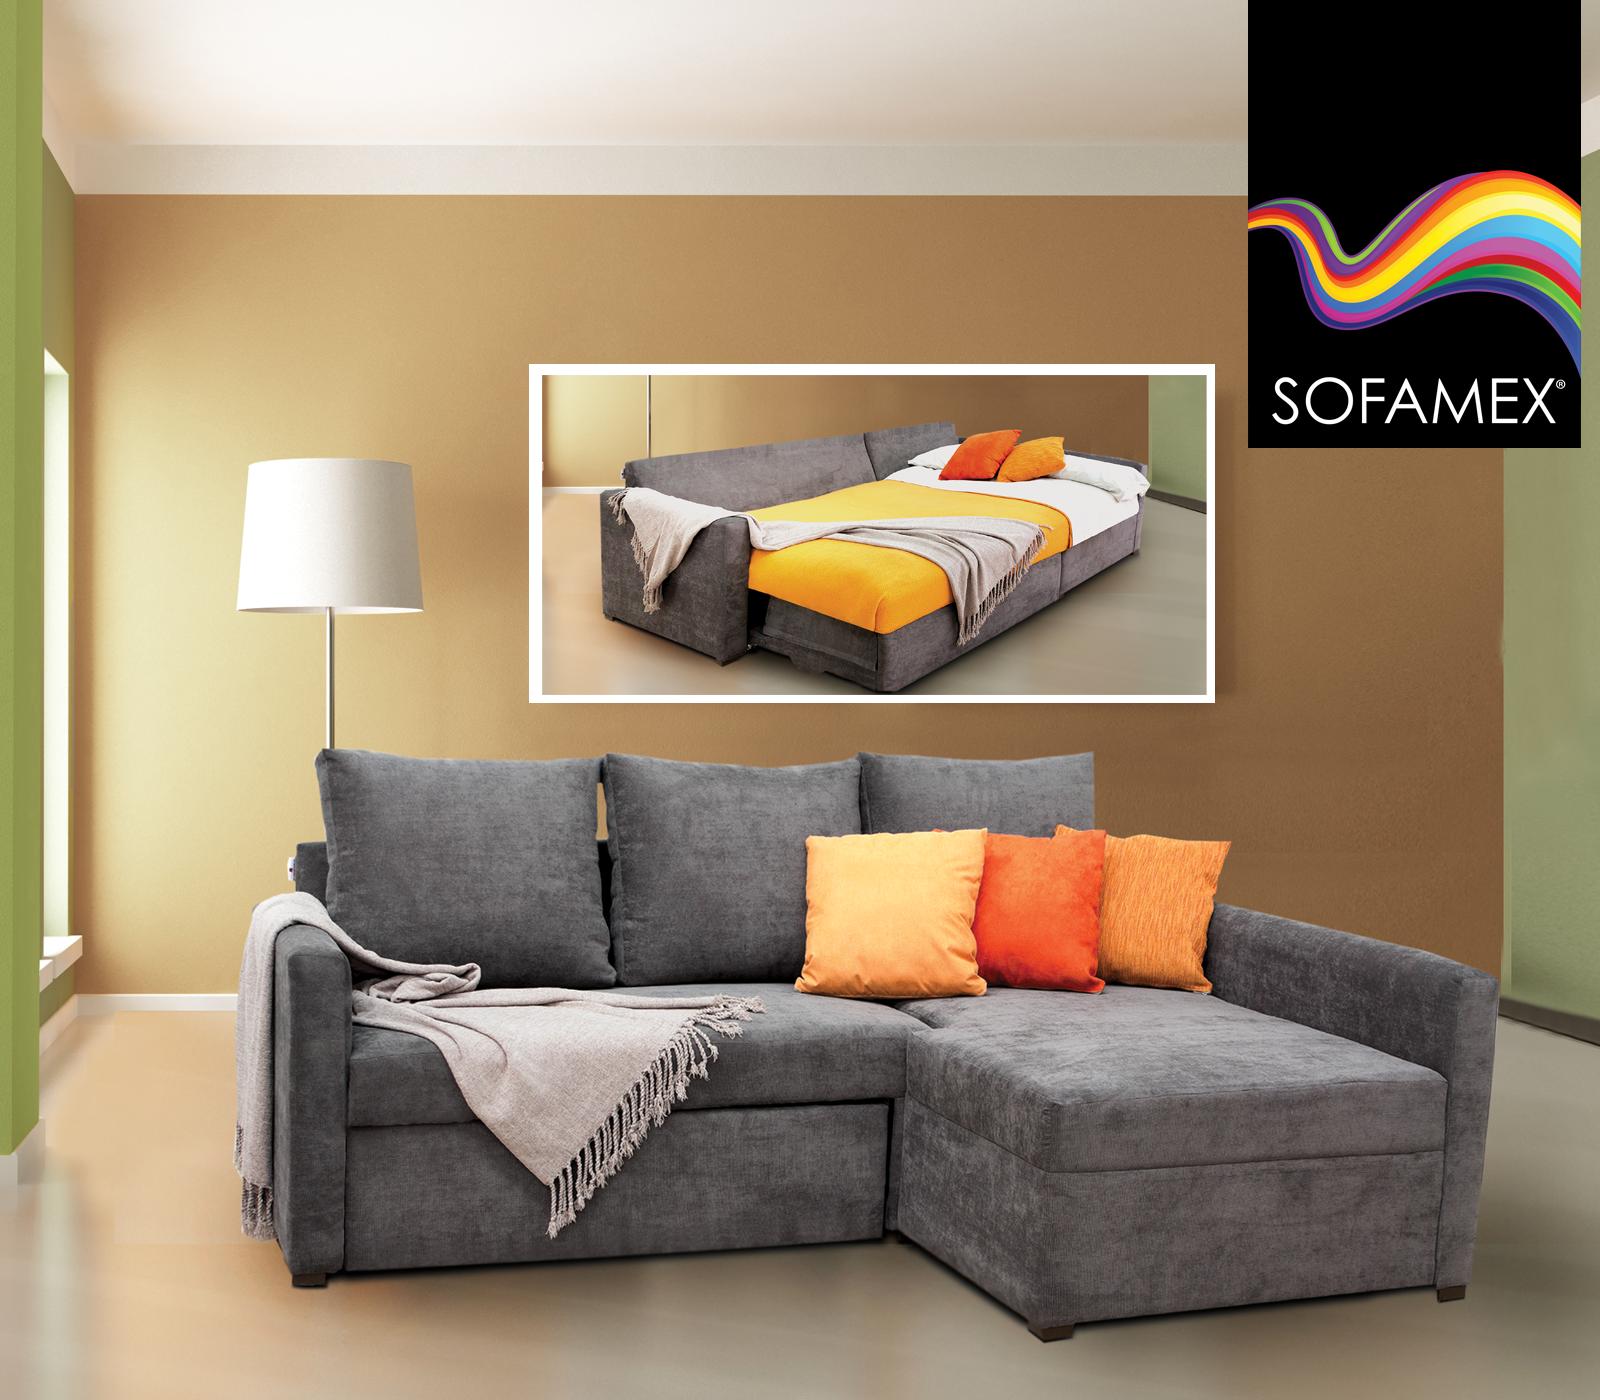 Sala belice practico chaise longue que se convierte en cama matrimonial en segundos tapizada - Chaise longue pequeno ...